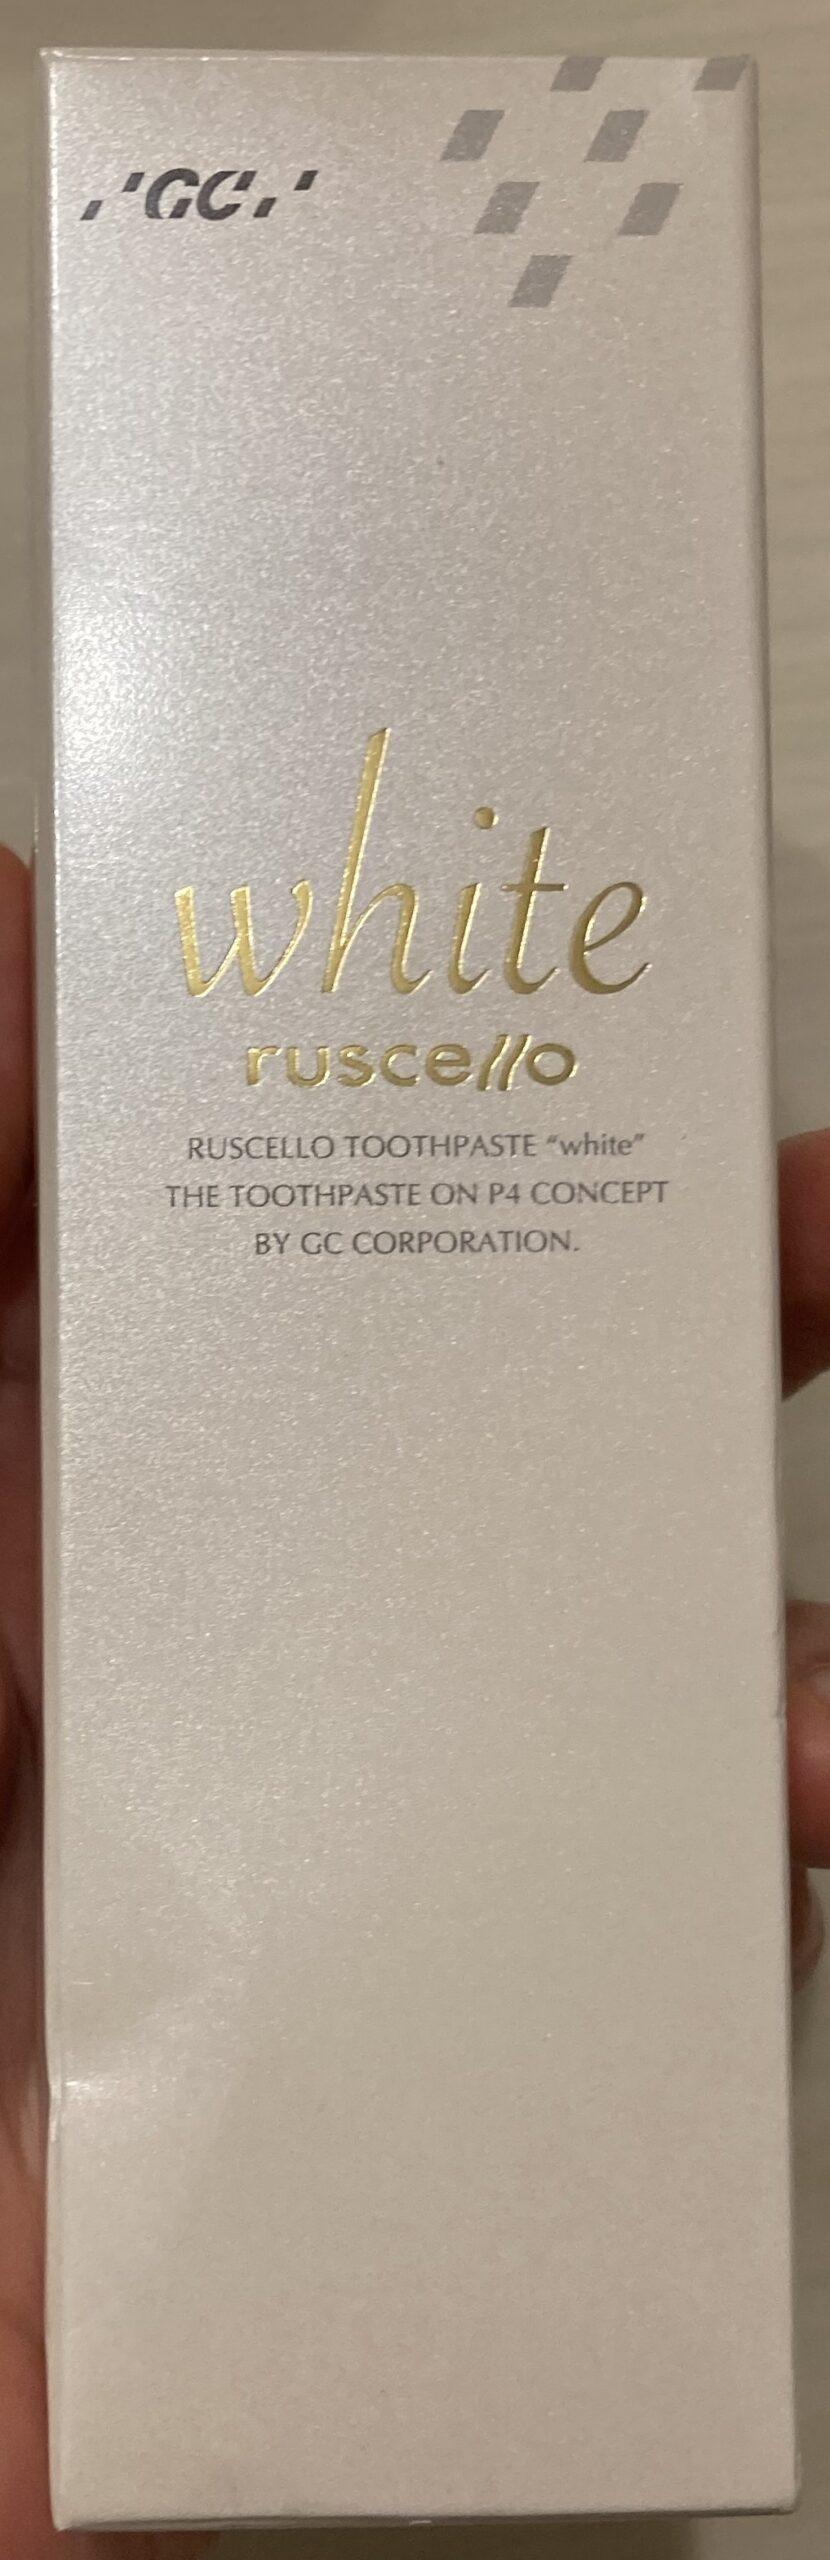 1回の歯ブラシで白くなったホワイトニング歯磨き粉